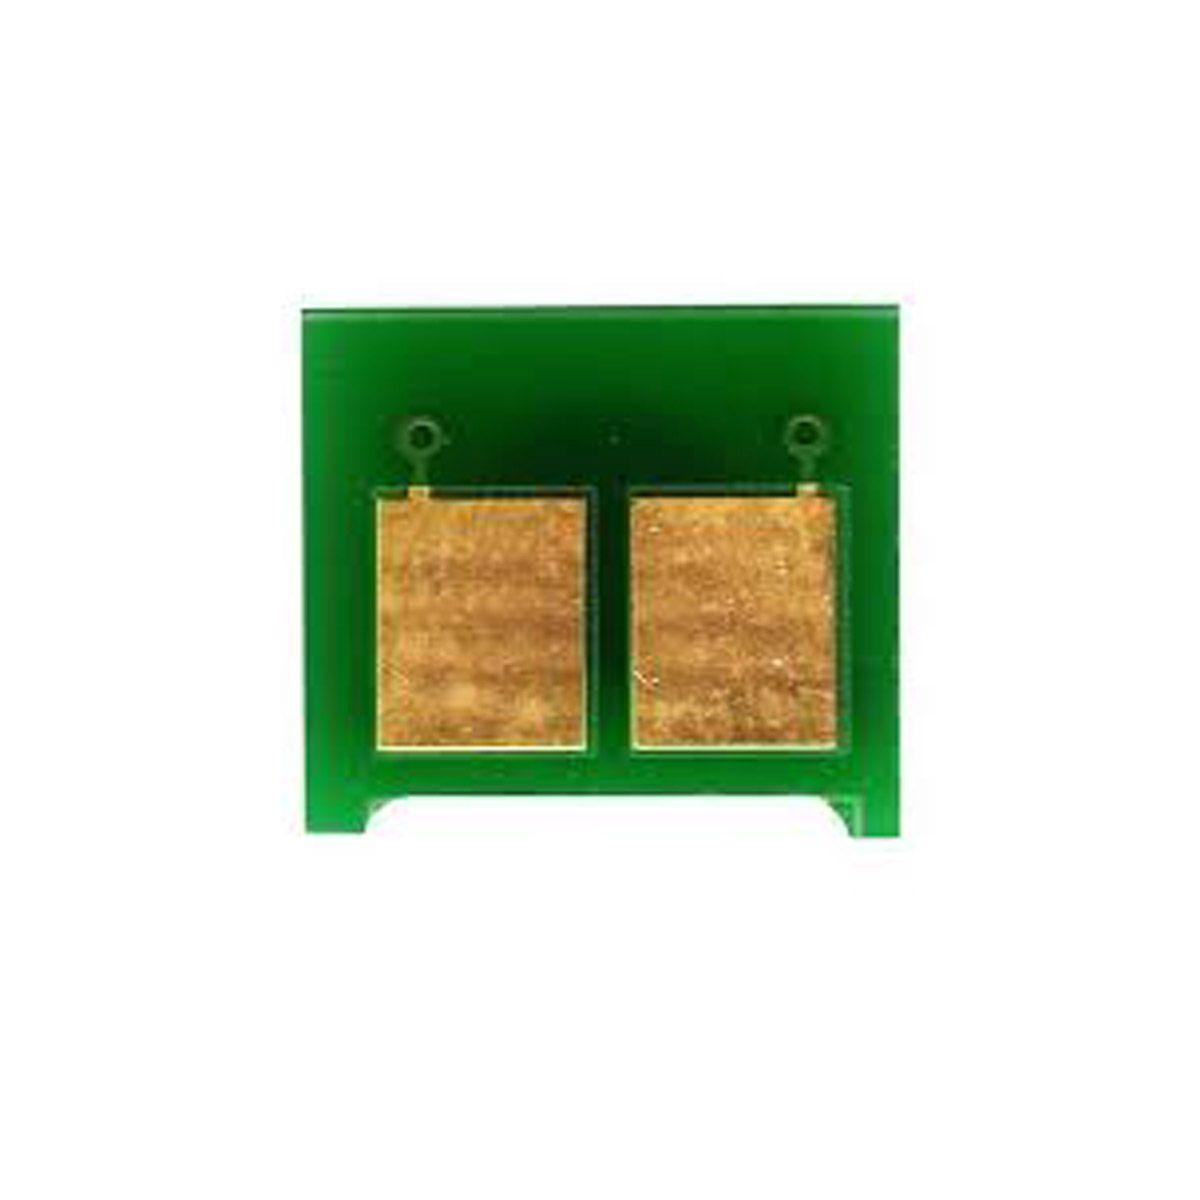 Chip HP CC364A CC364 364A 64A - P4014 P4014N P4015DN - 10k